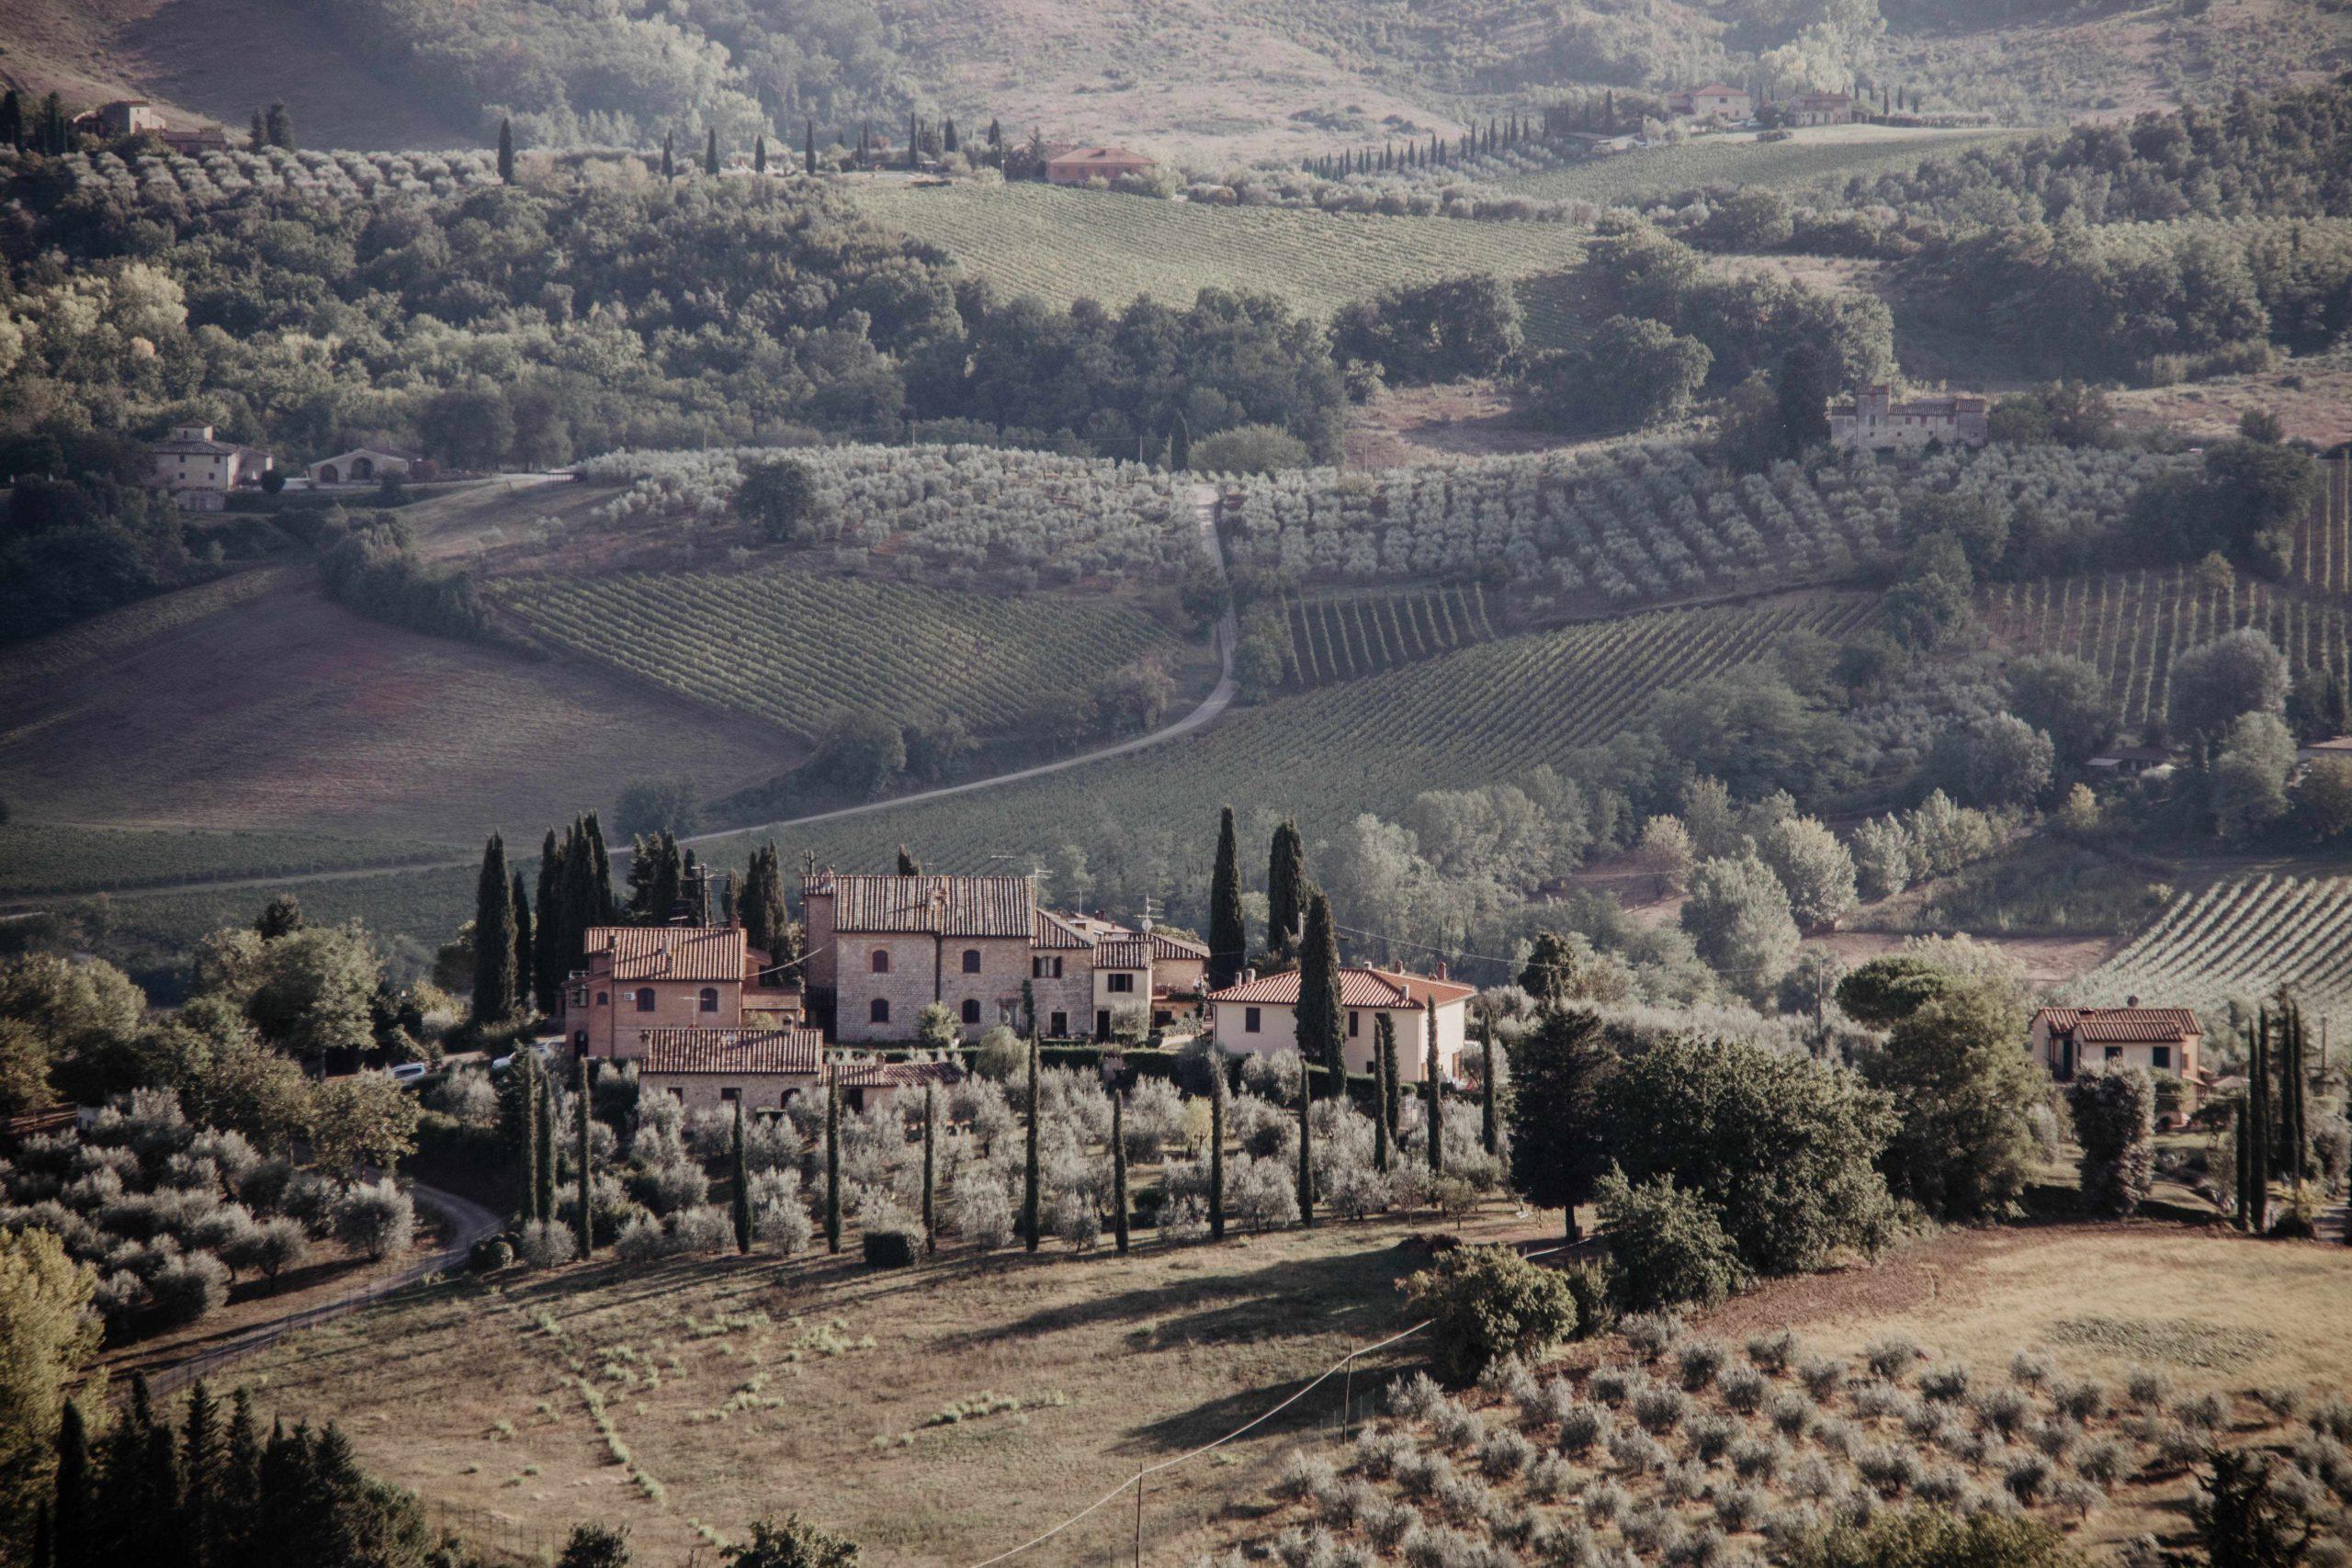 Toskana Roadtrip Insider Tipps für 1 bis 2 Wochen Landschaft bei San Gimignano